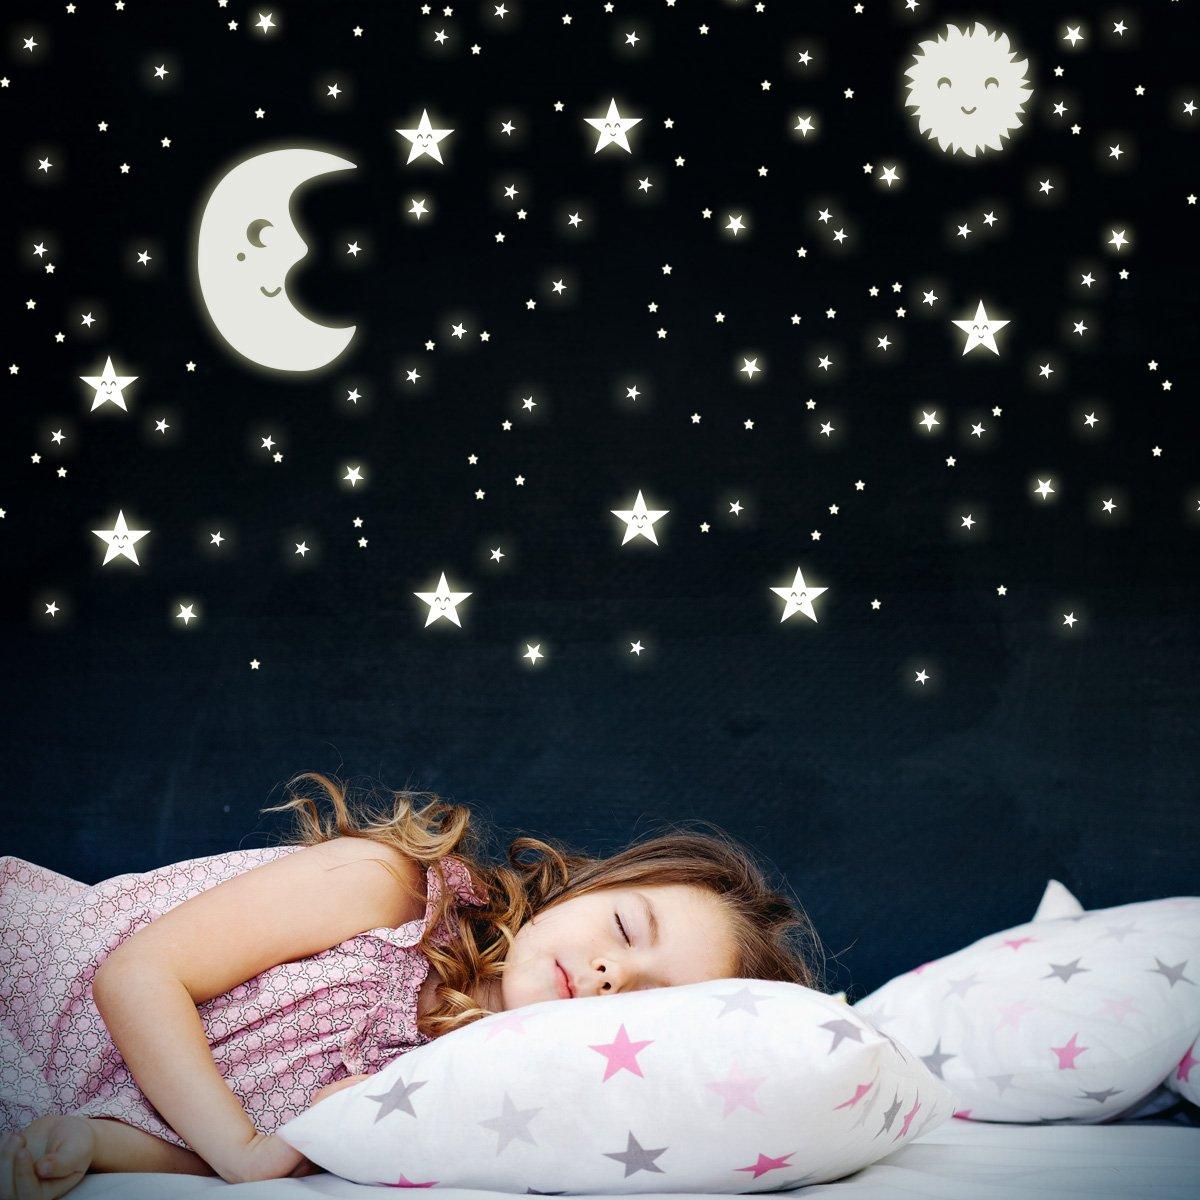 Resultado de imagen para estela lunar nocturna pics luz fluorescente en techo